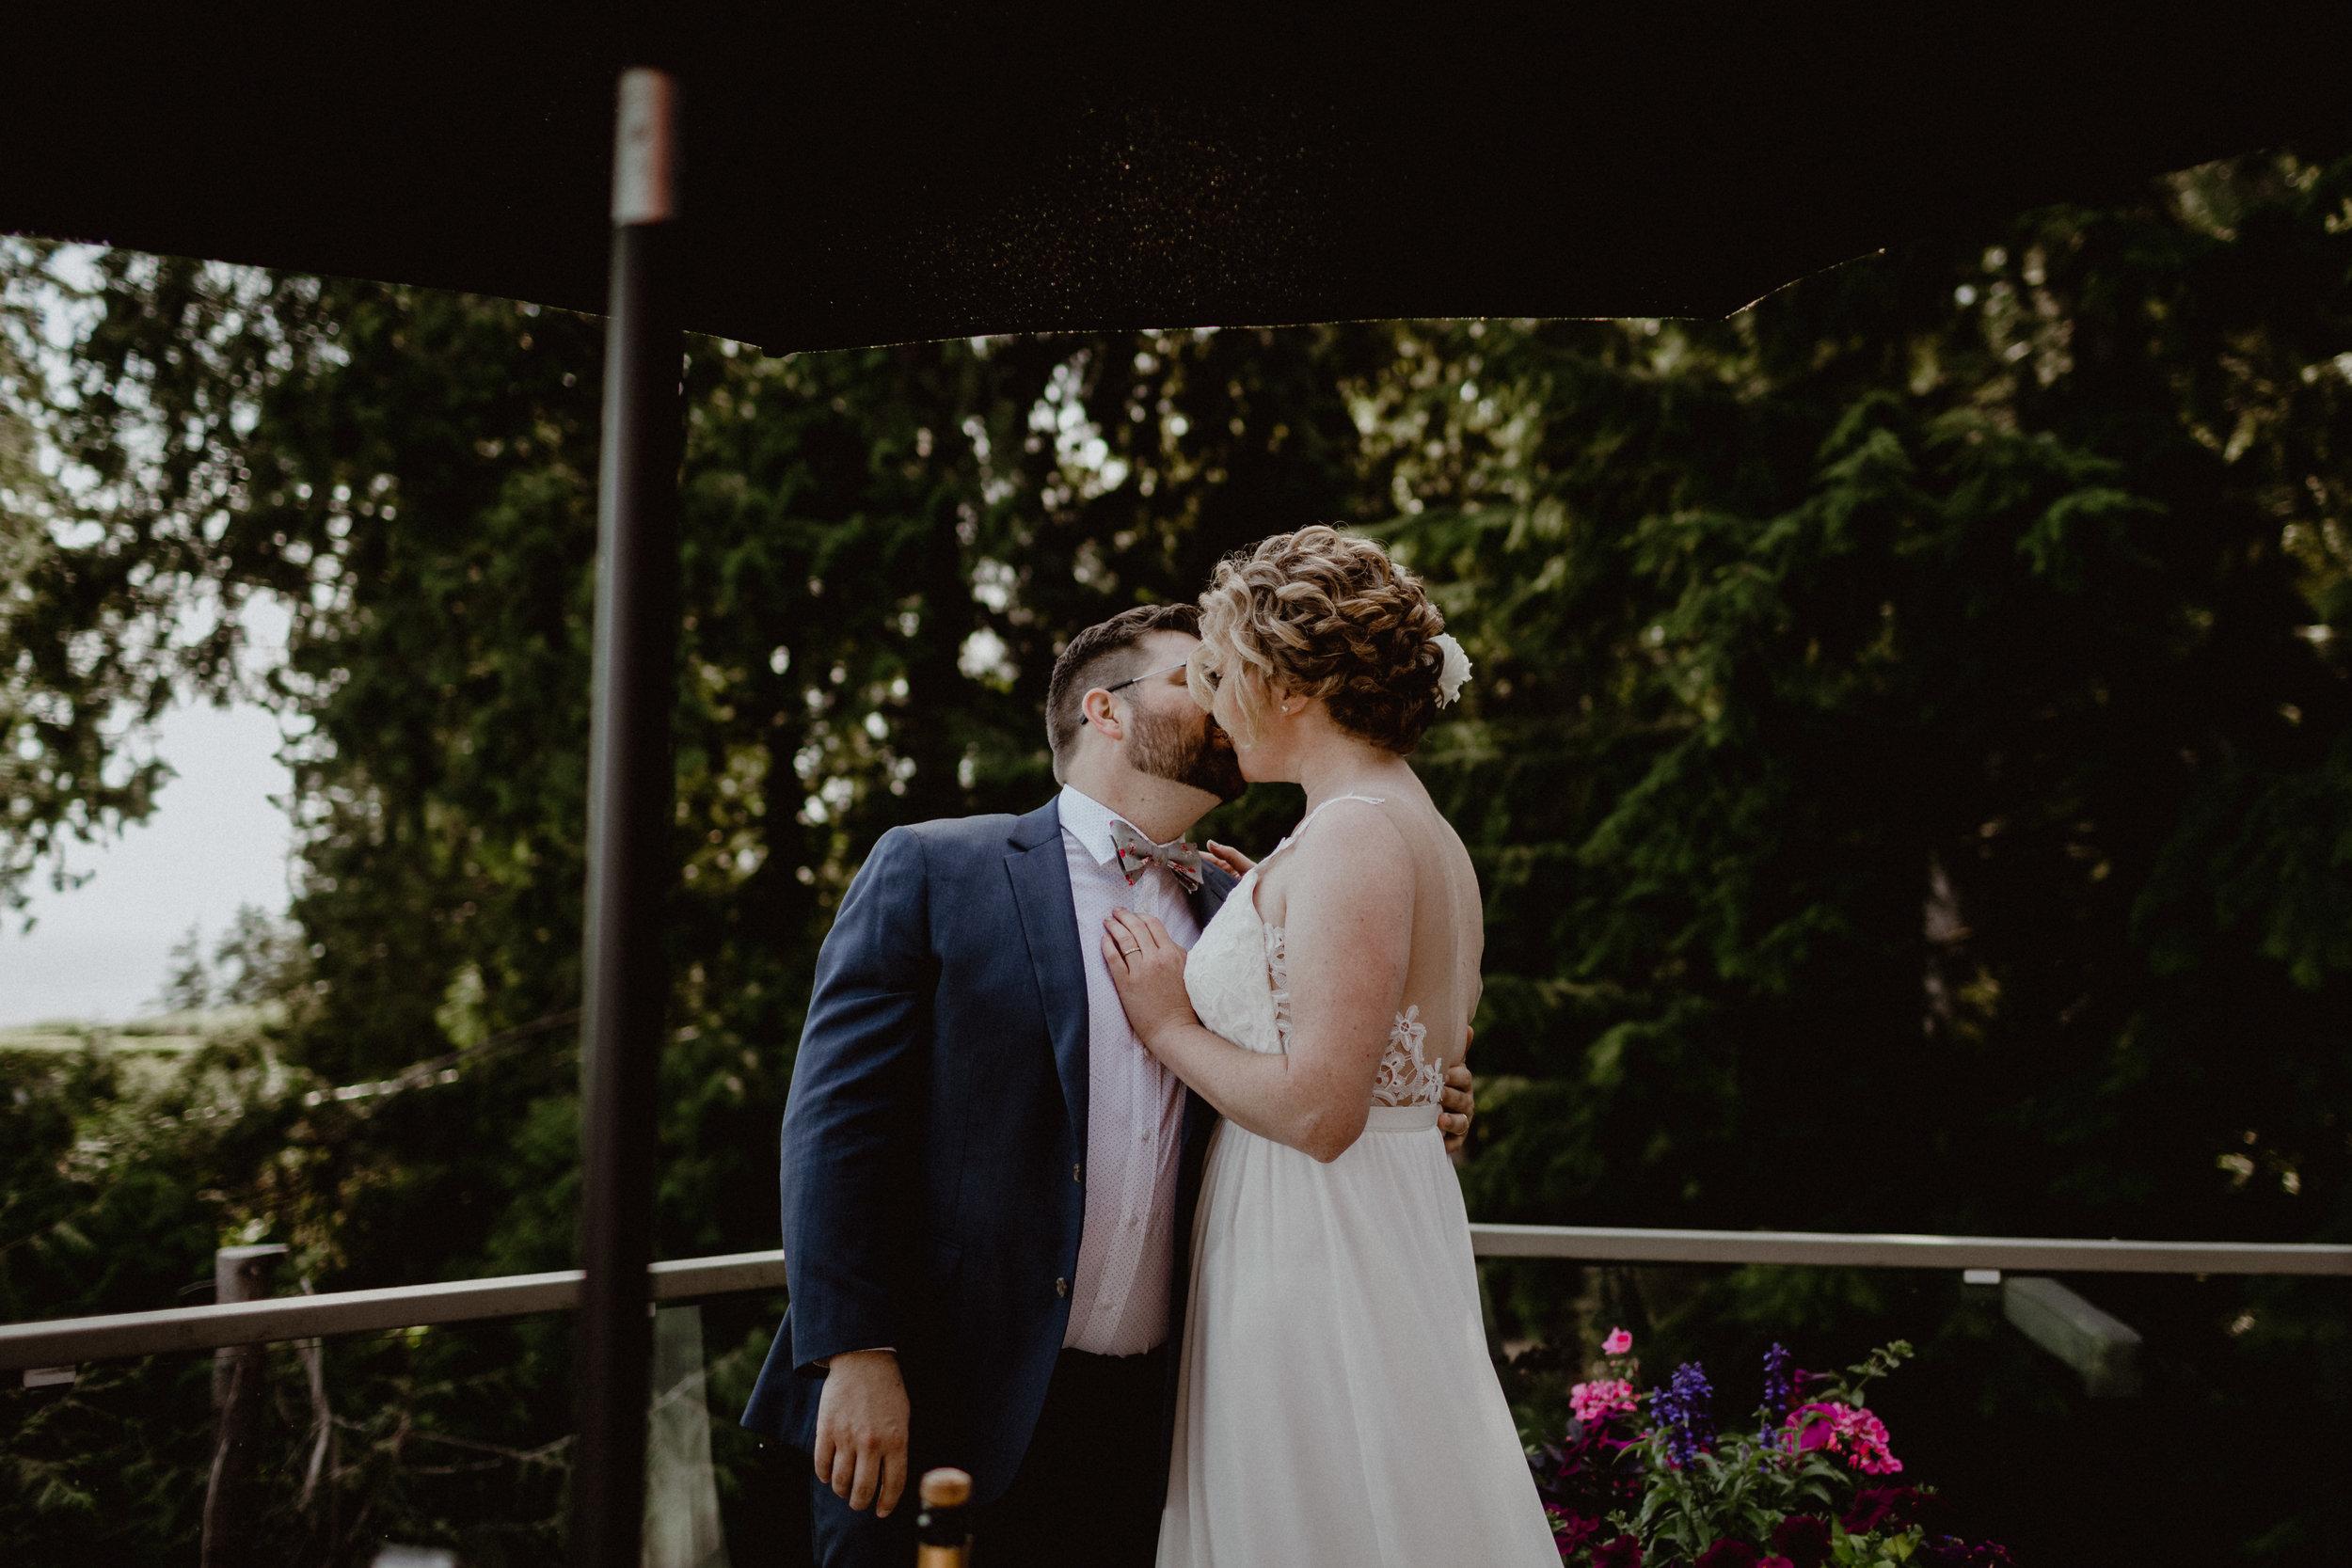 west-vancouver-backyard-wedding-138.jpg